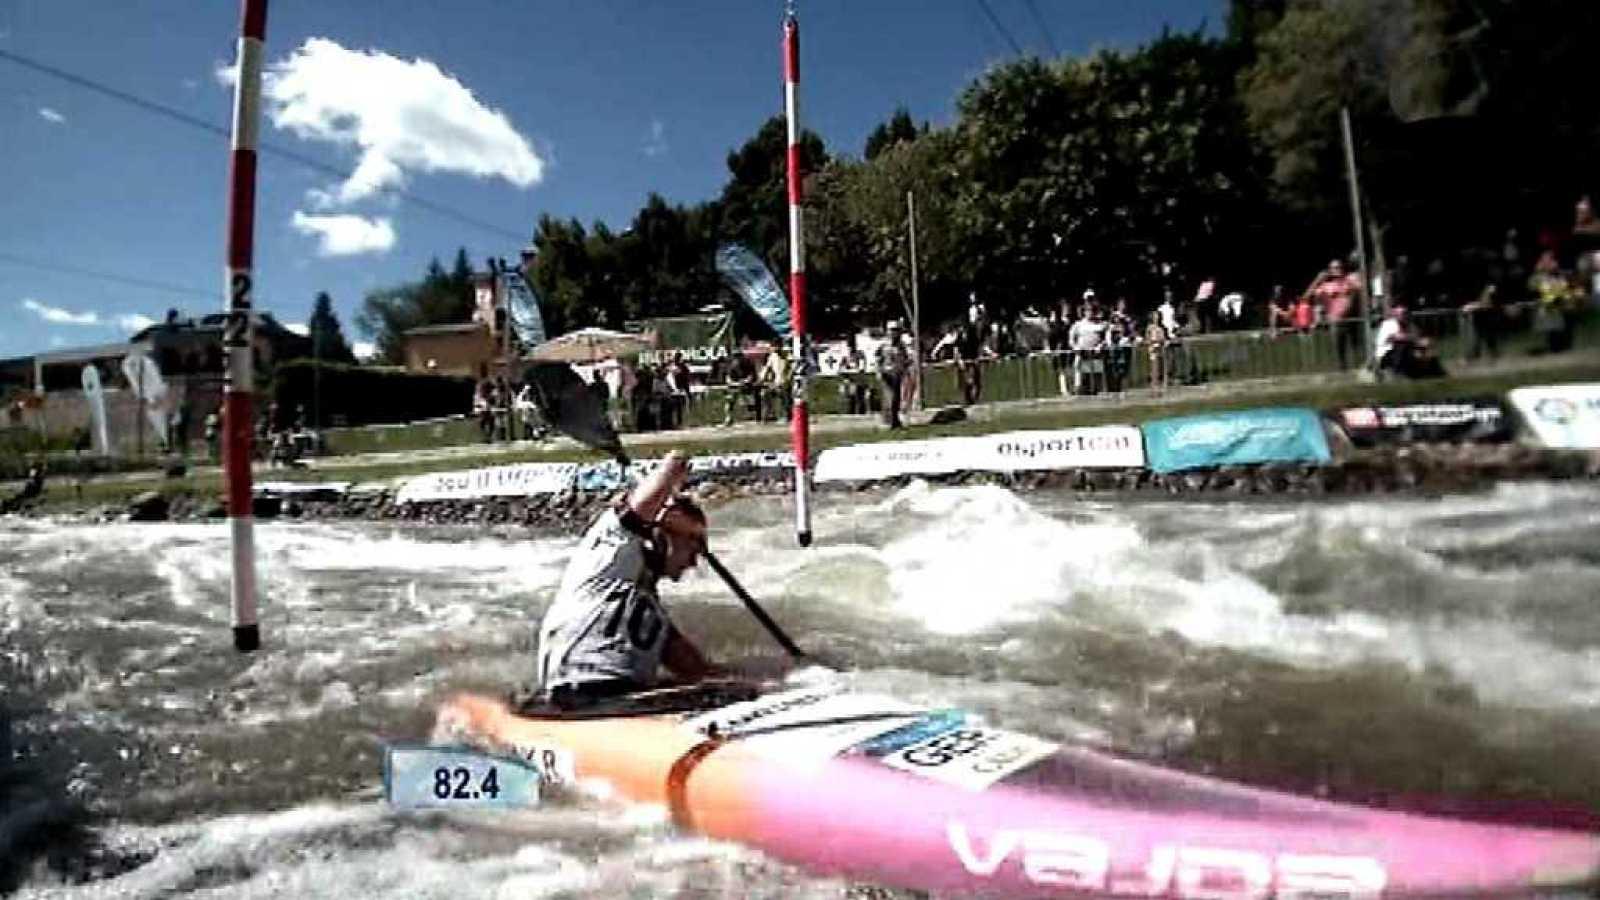 Piragüismo - Copa del Mundo ICF Slalom Finales K1W, C1M y C2MX desde La Seu D'Urgell